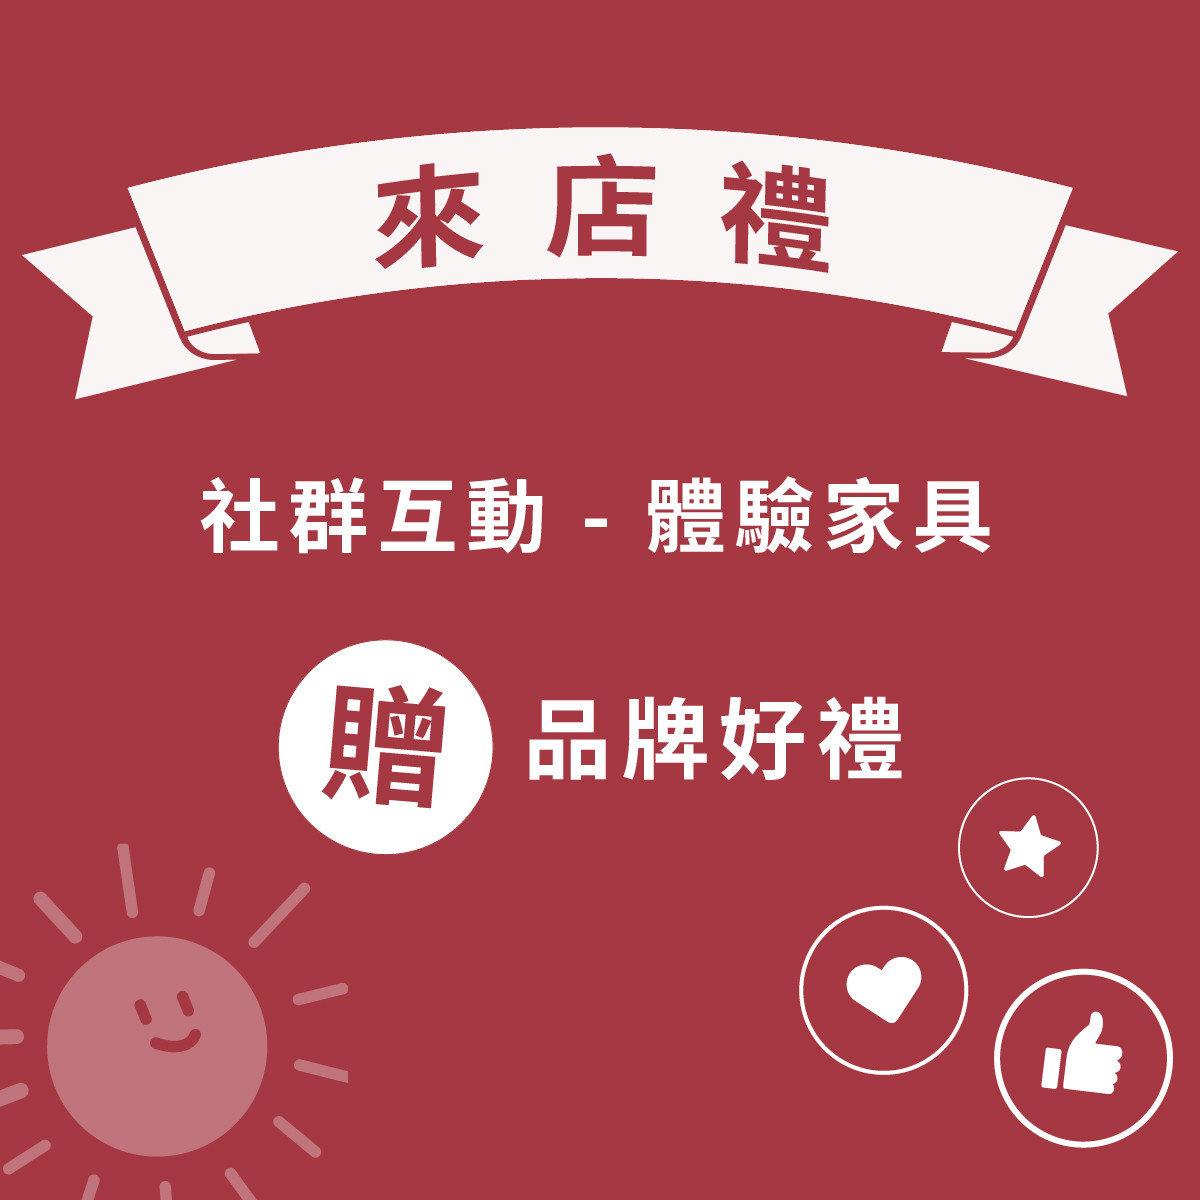 明久家具台南店開幕活動一:來店禮-來店打卡、按讚、評論,即贈精緻品牌迎賓禮1份!